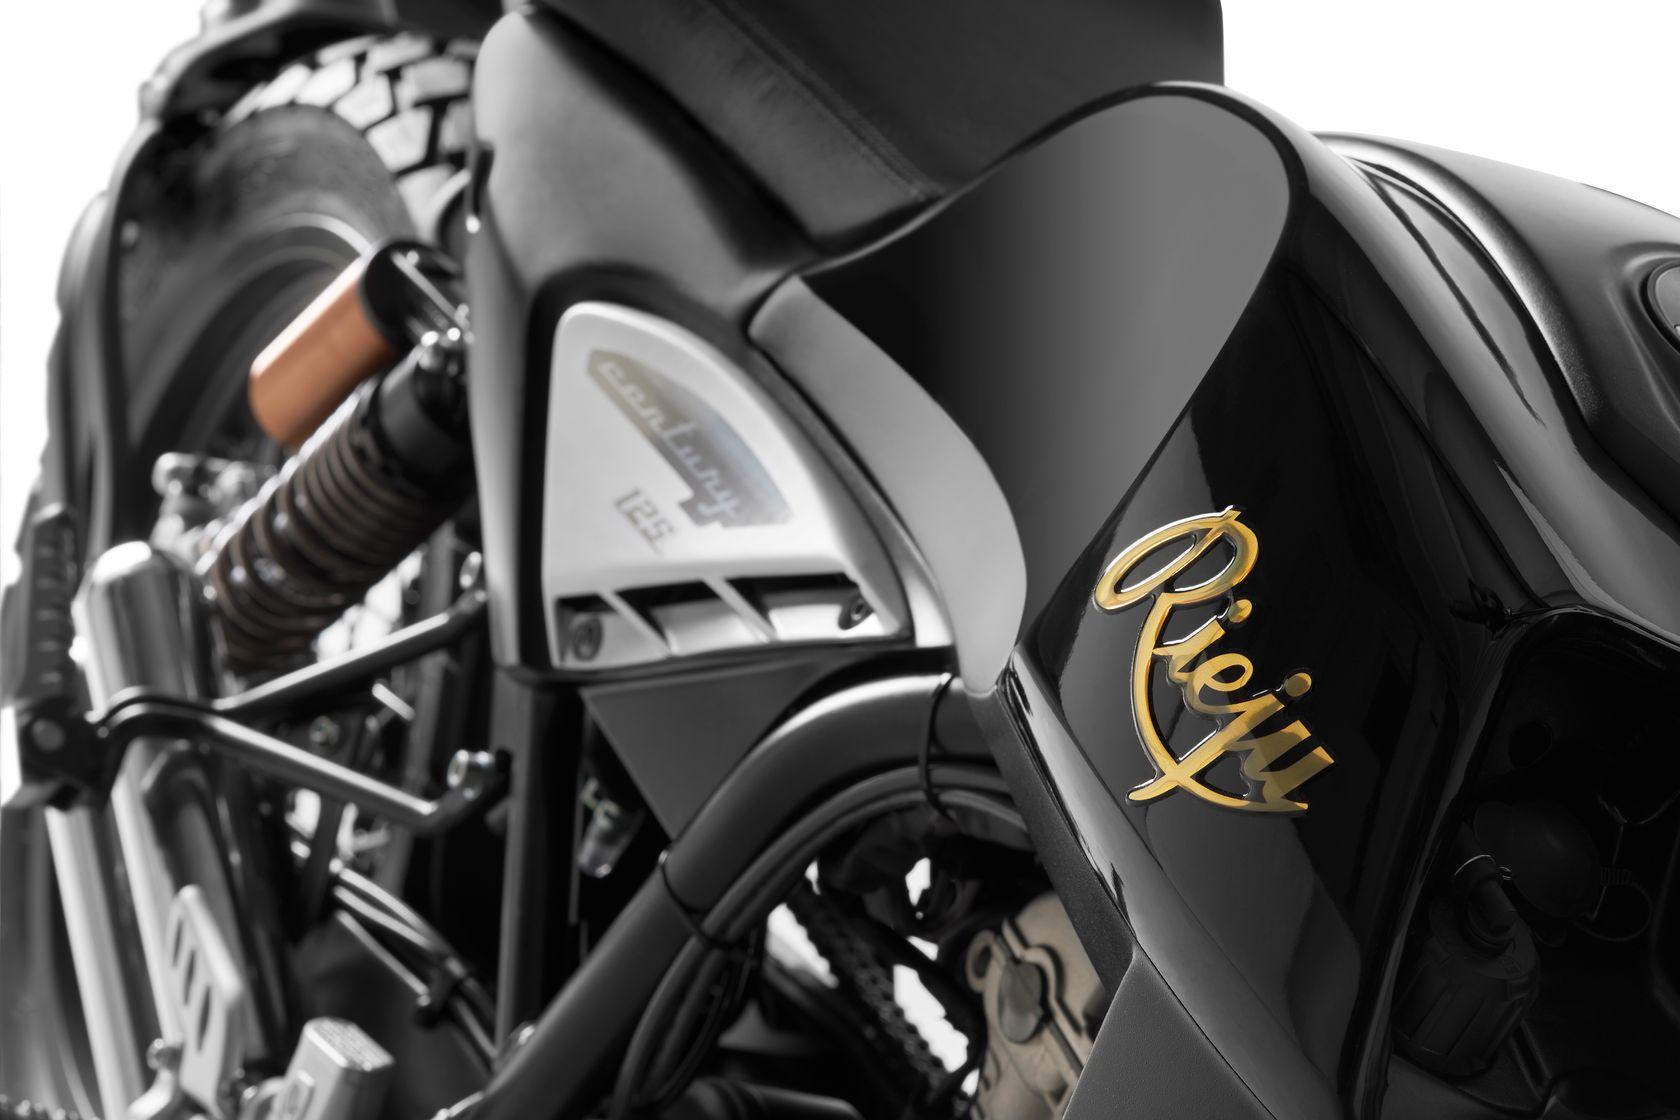 Prueba rieju century 125cc